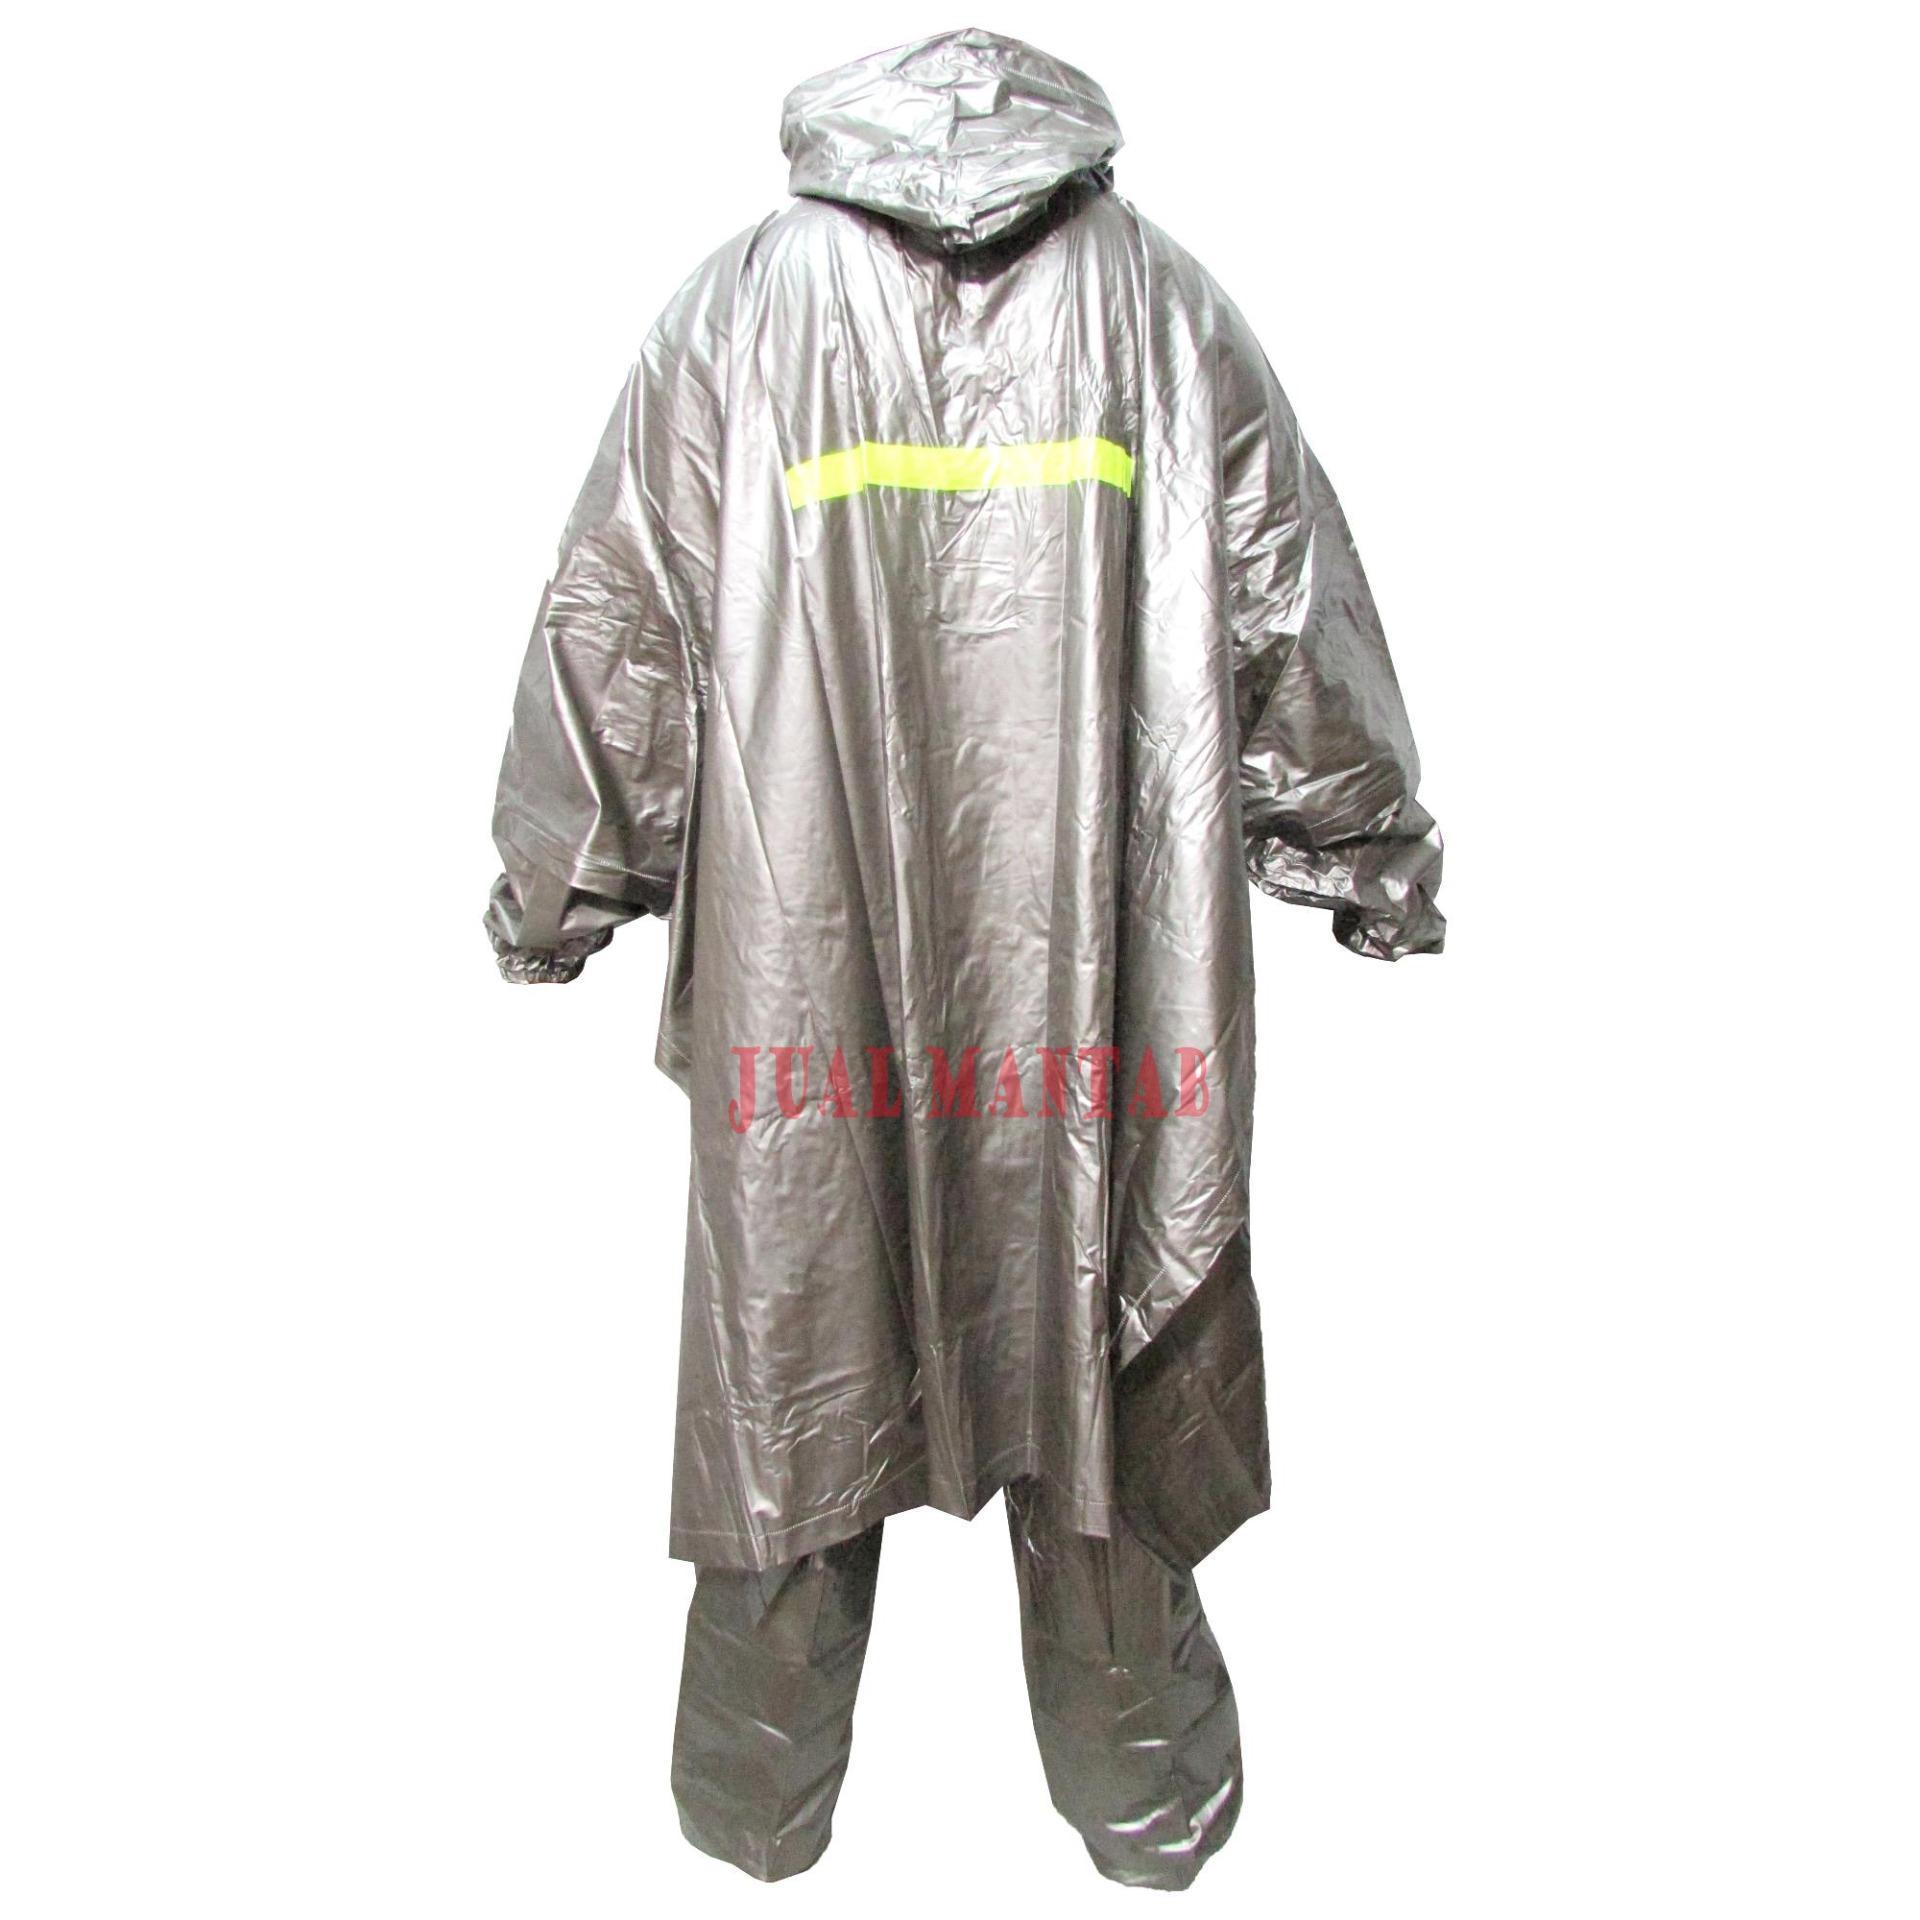 Jas Hujan Setelan Hybird Ponco Celana - Raincoat Jas Hujan Poncho Dewasa  Pria Wanita Murah Motif 84723935f9